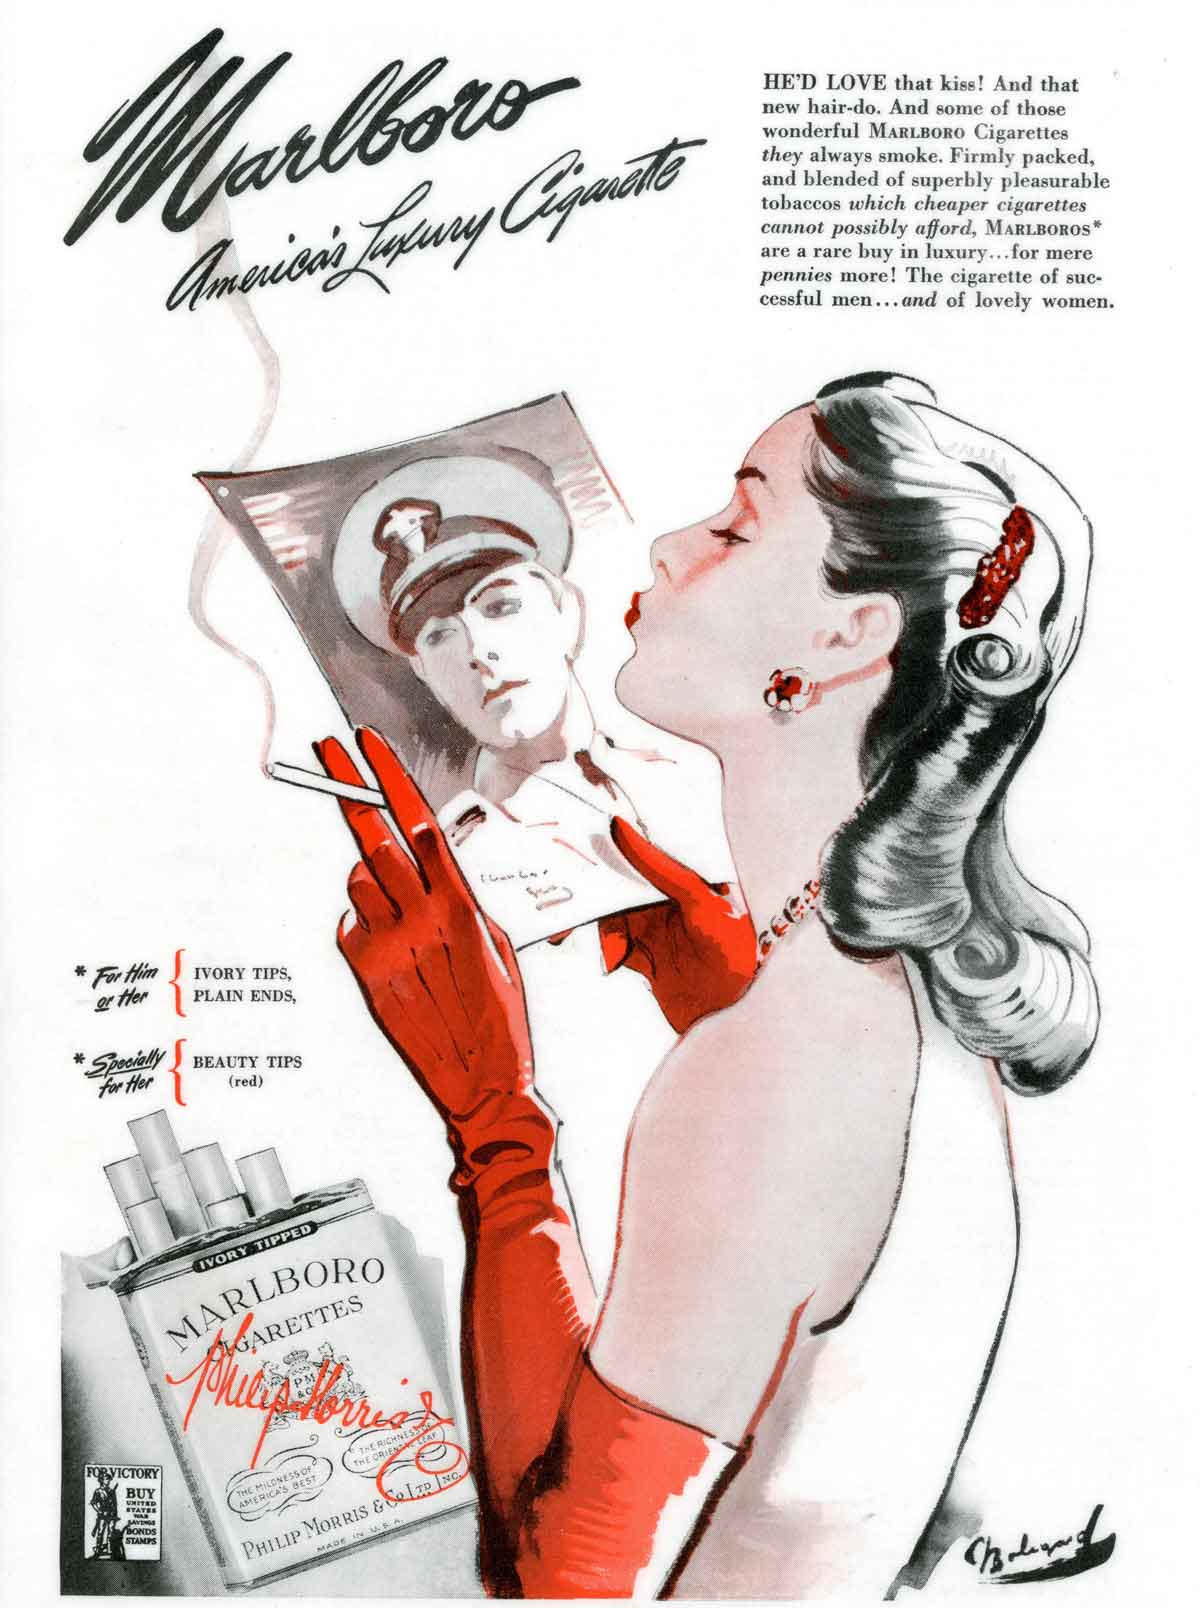 1940s-Fashion---Cigarettes-and-the-Slim-Silhouette---Marlboro-cig2